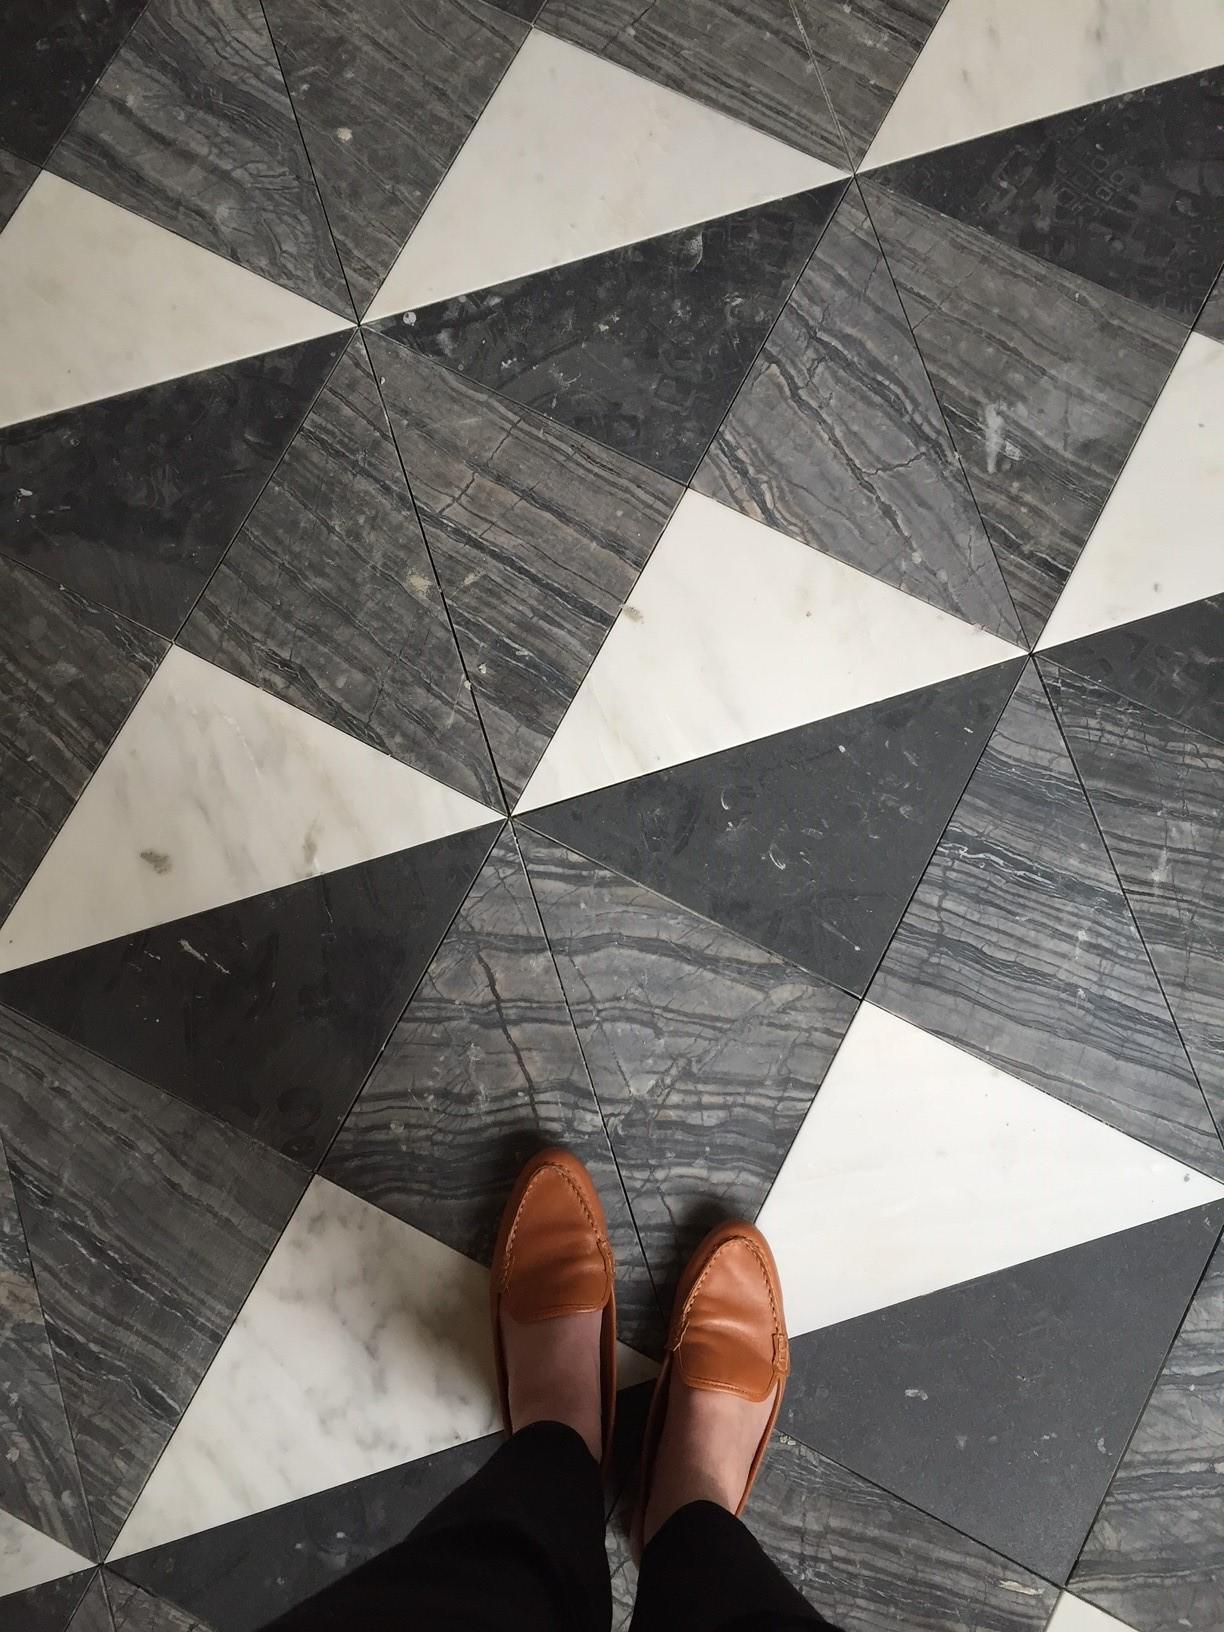 Black & White Patterned Floors